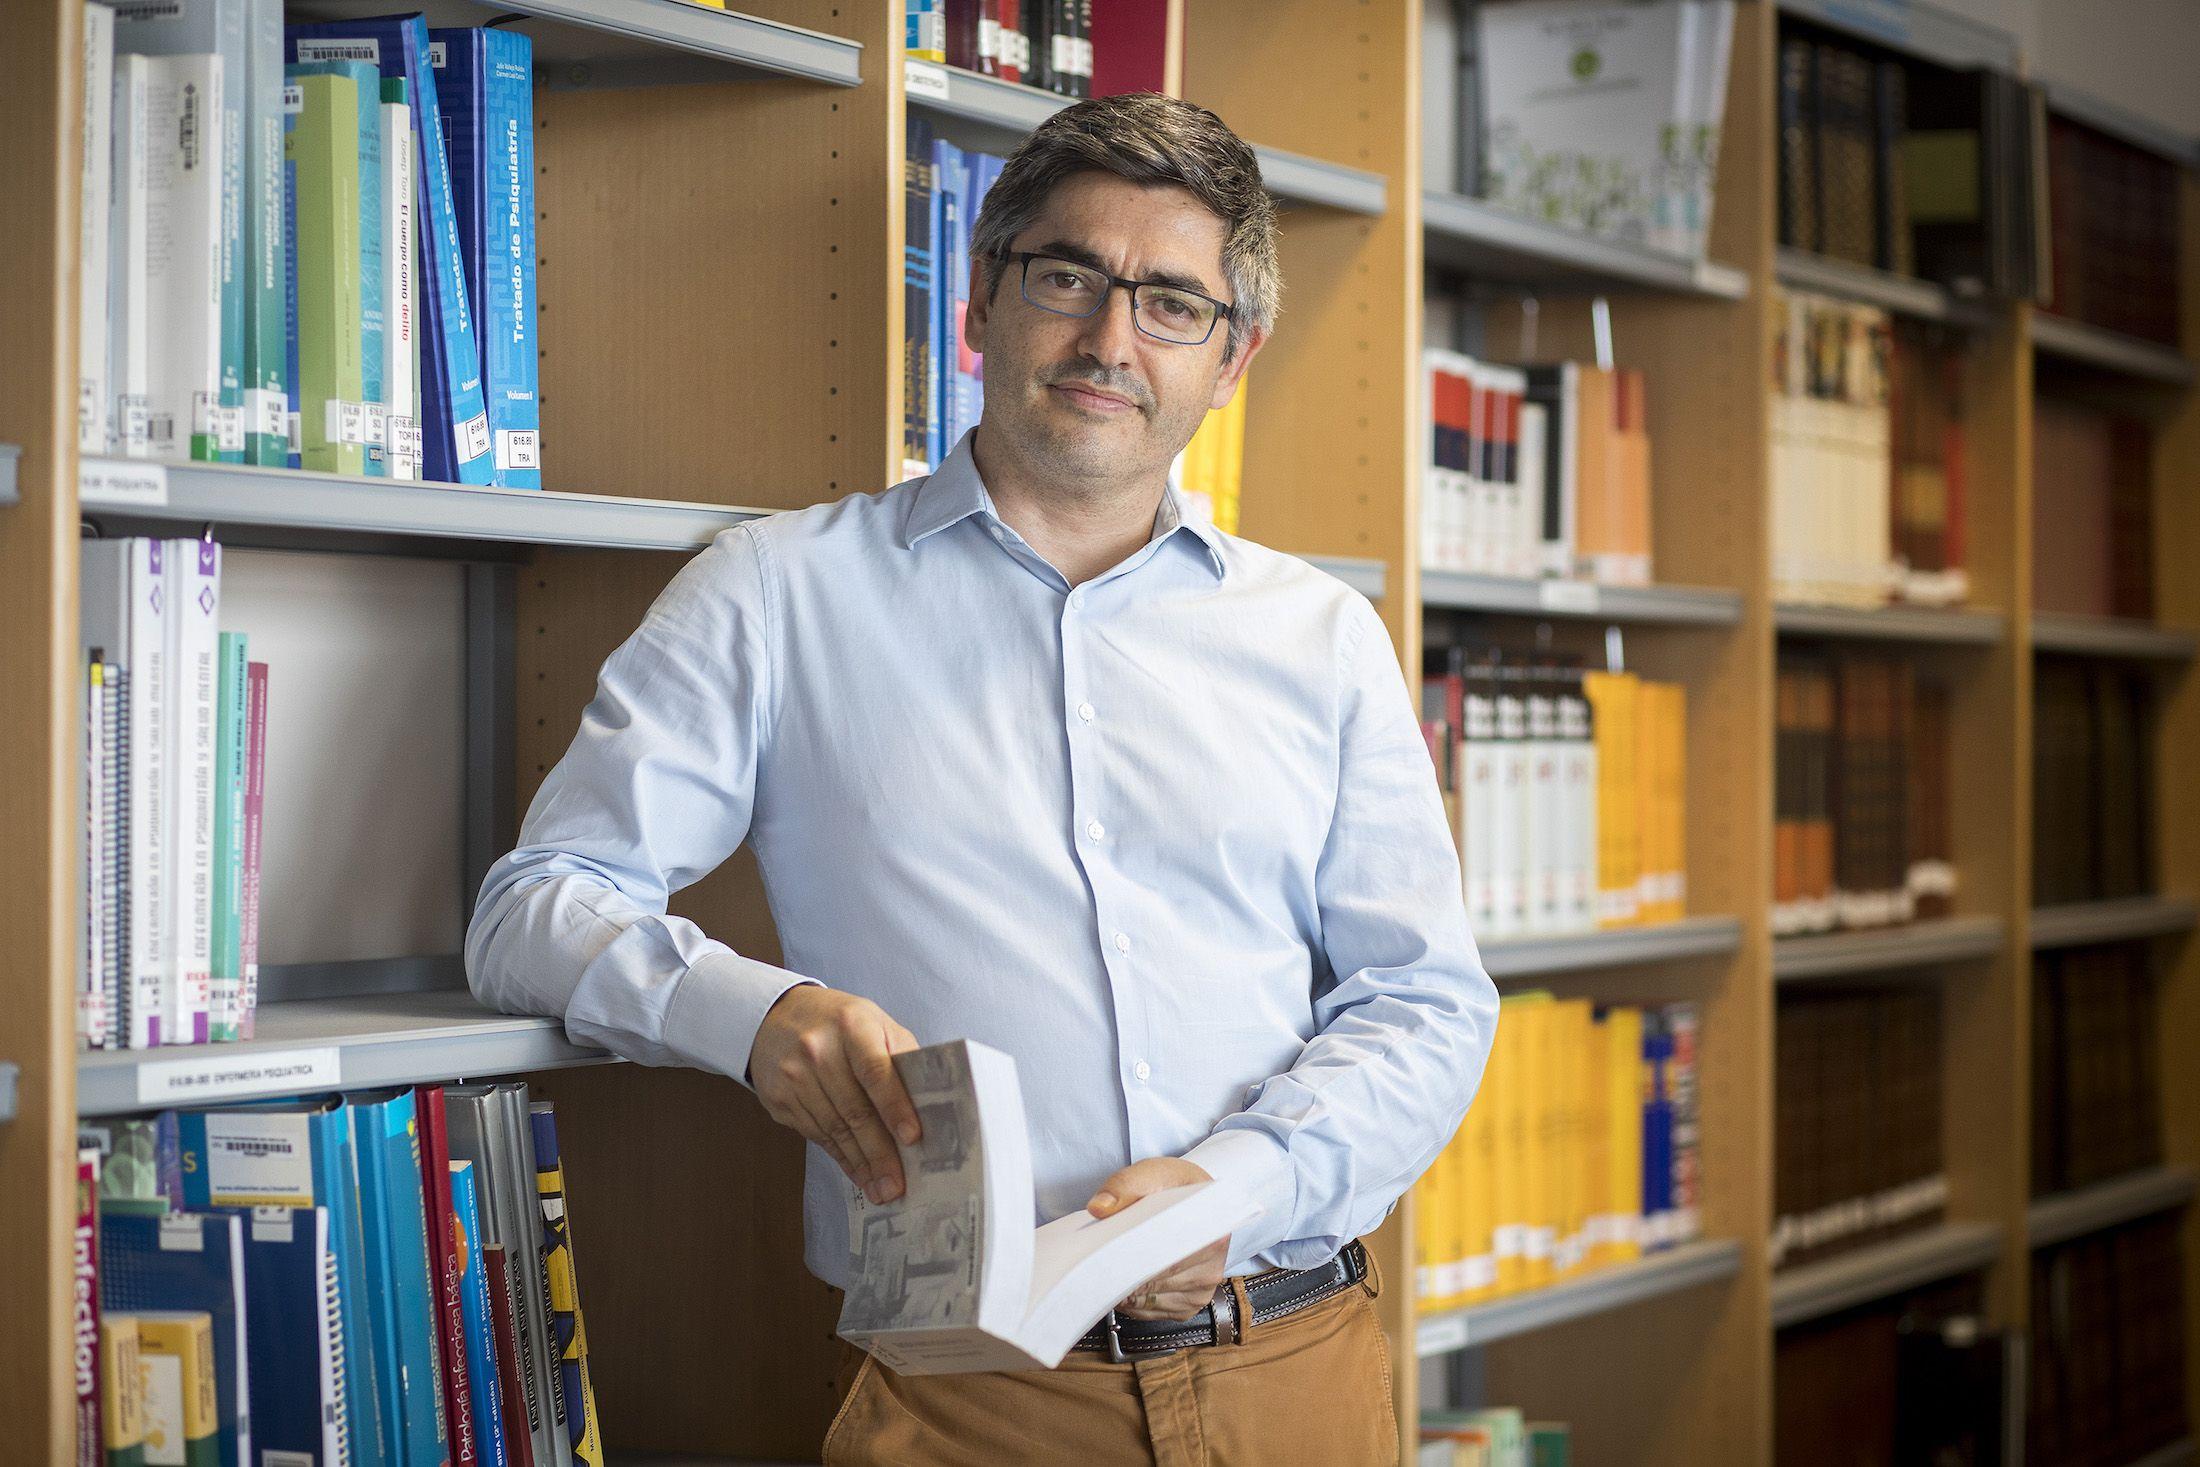 El doctor Gonzalo Haro Cortés, profesor de Salud Mental en el Grado en Medicina de la CEU UCH y responsable del programa de patología dual grave del Hospital Provincial de Castellón.